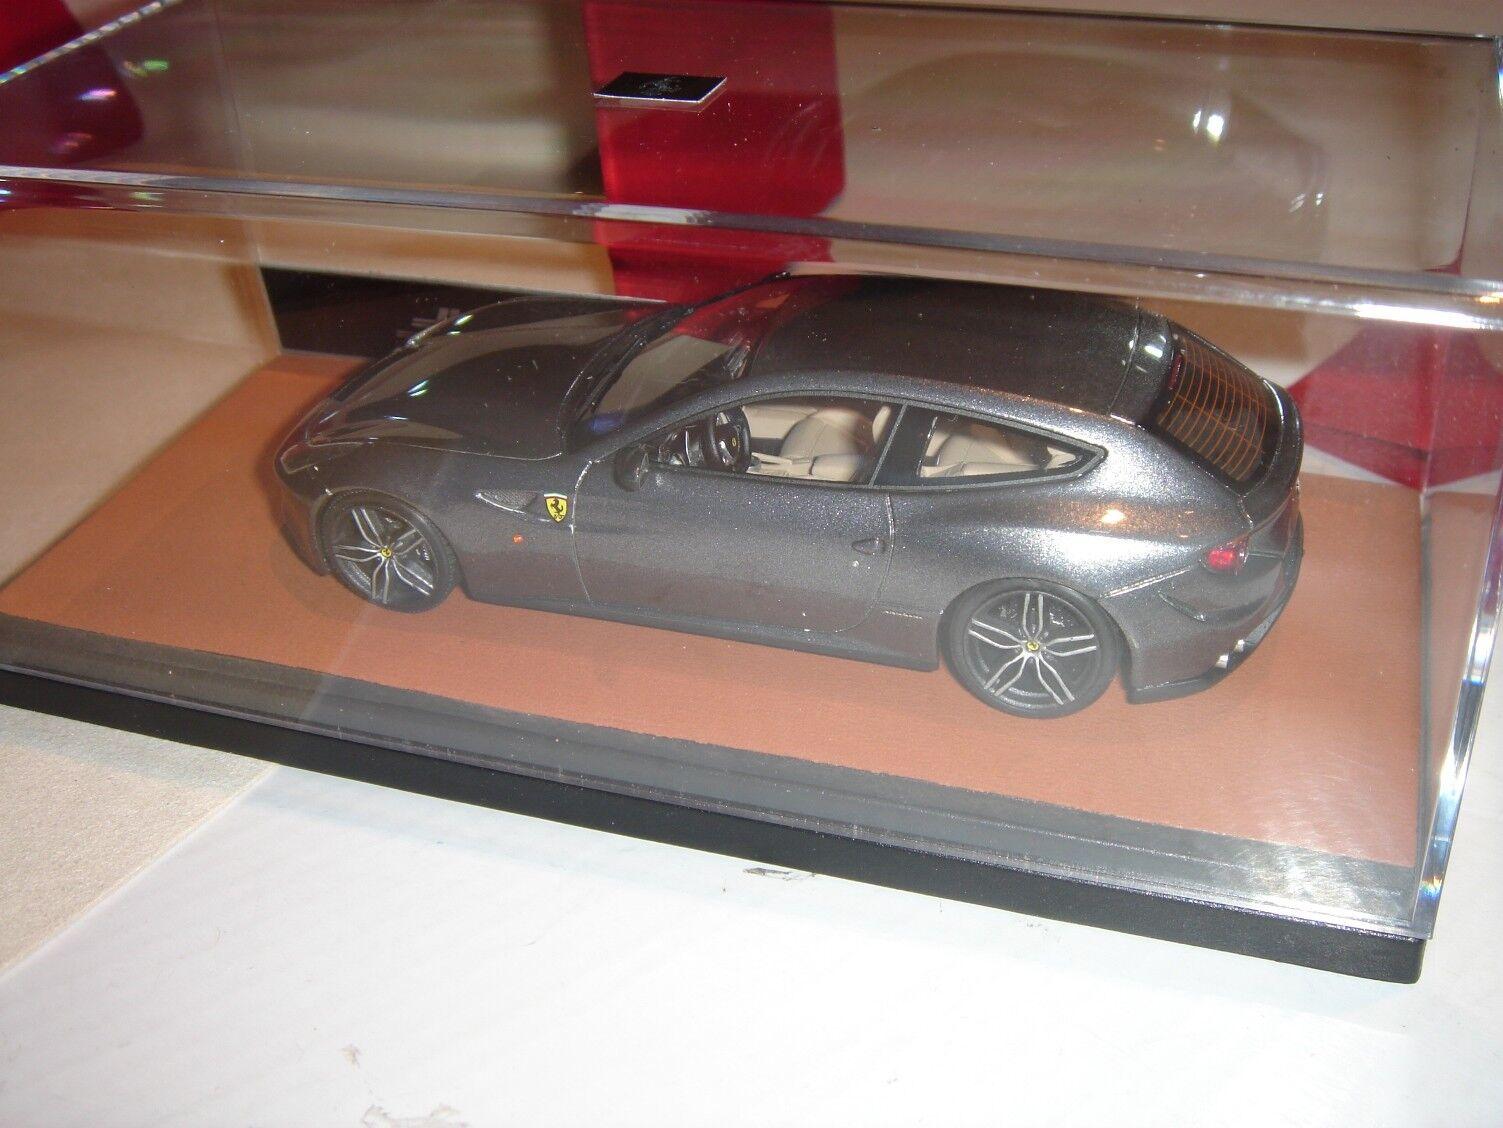 edición limitada en caliente Señor Colección Ferrari Ff Ff Ff Coche Modelo  Con cert. de autenticidad & serial  Hecha En Italia Nuevo  tienda en linea